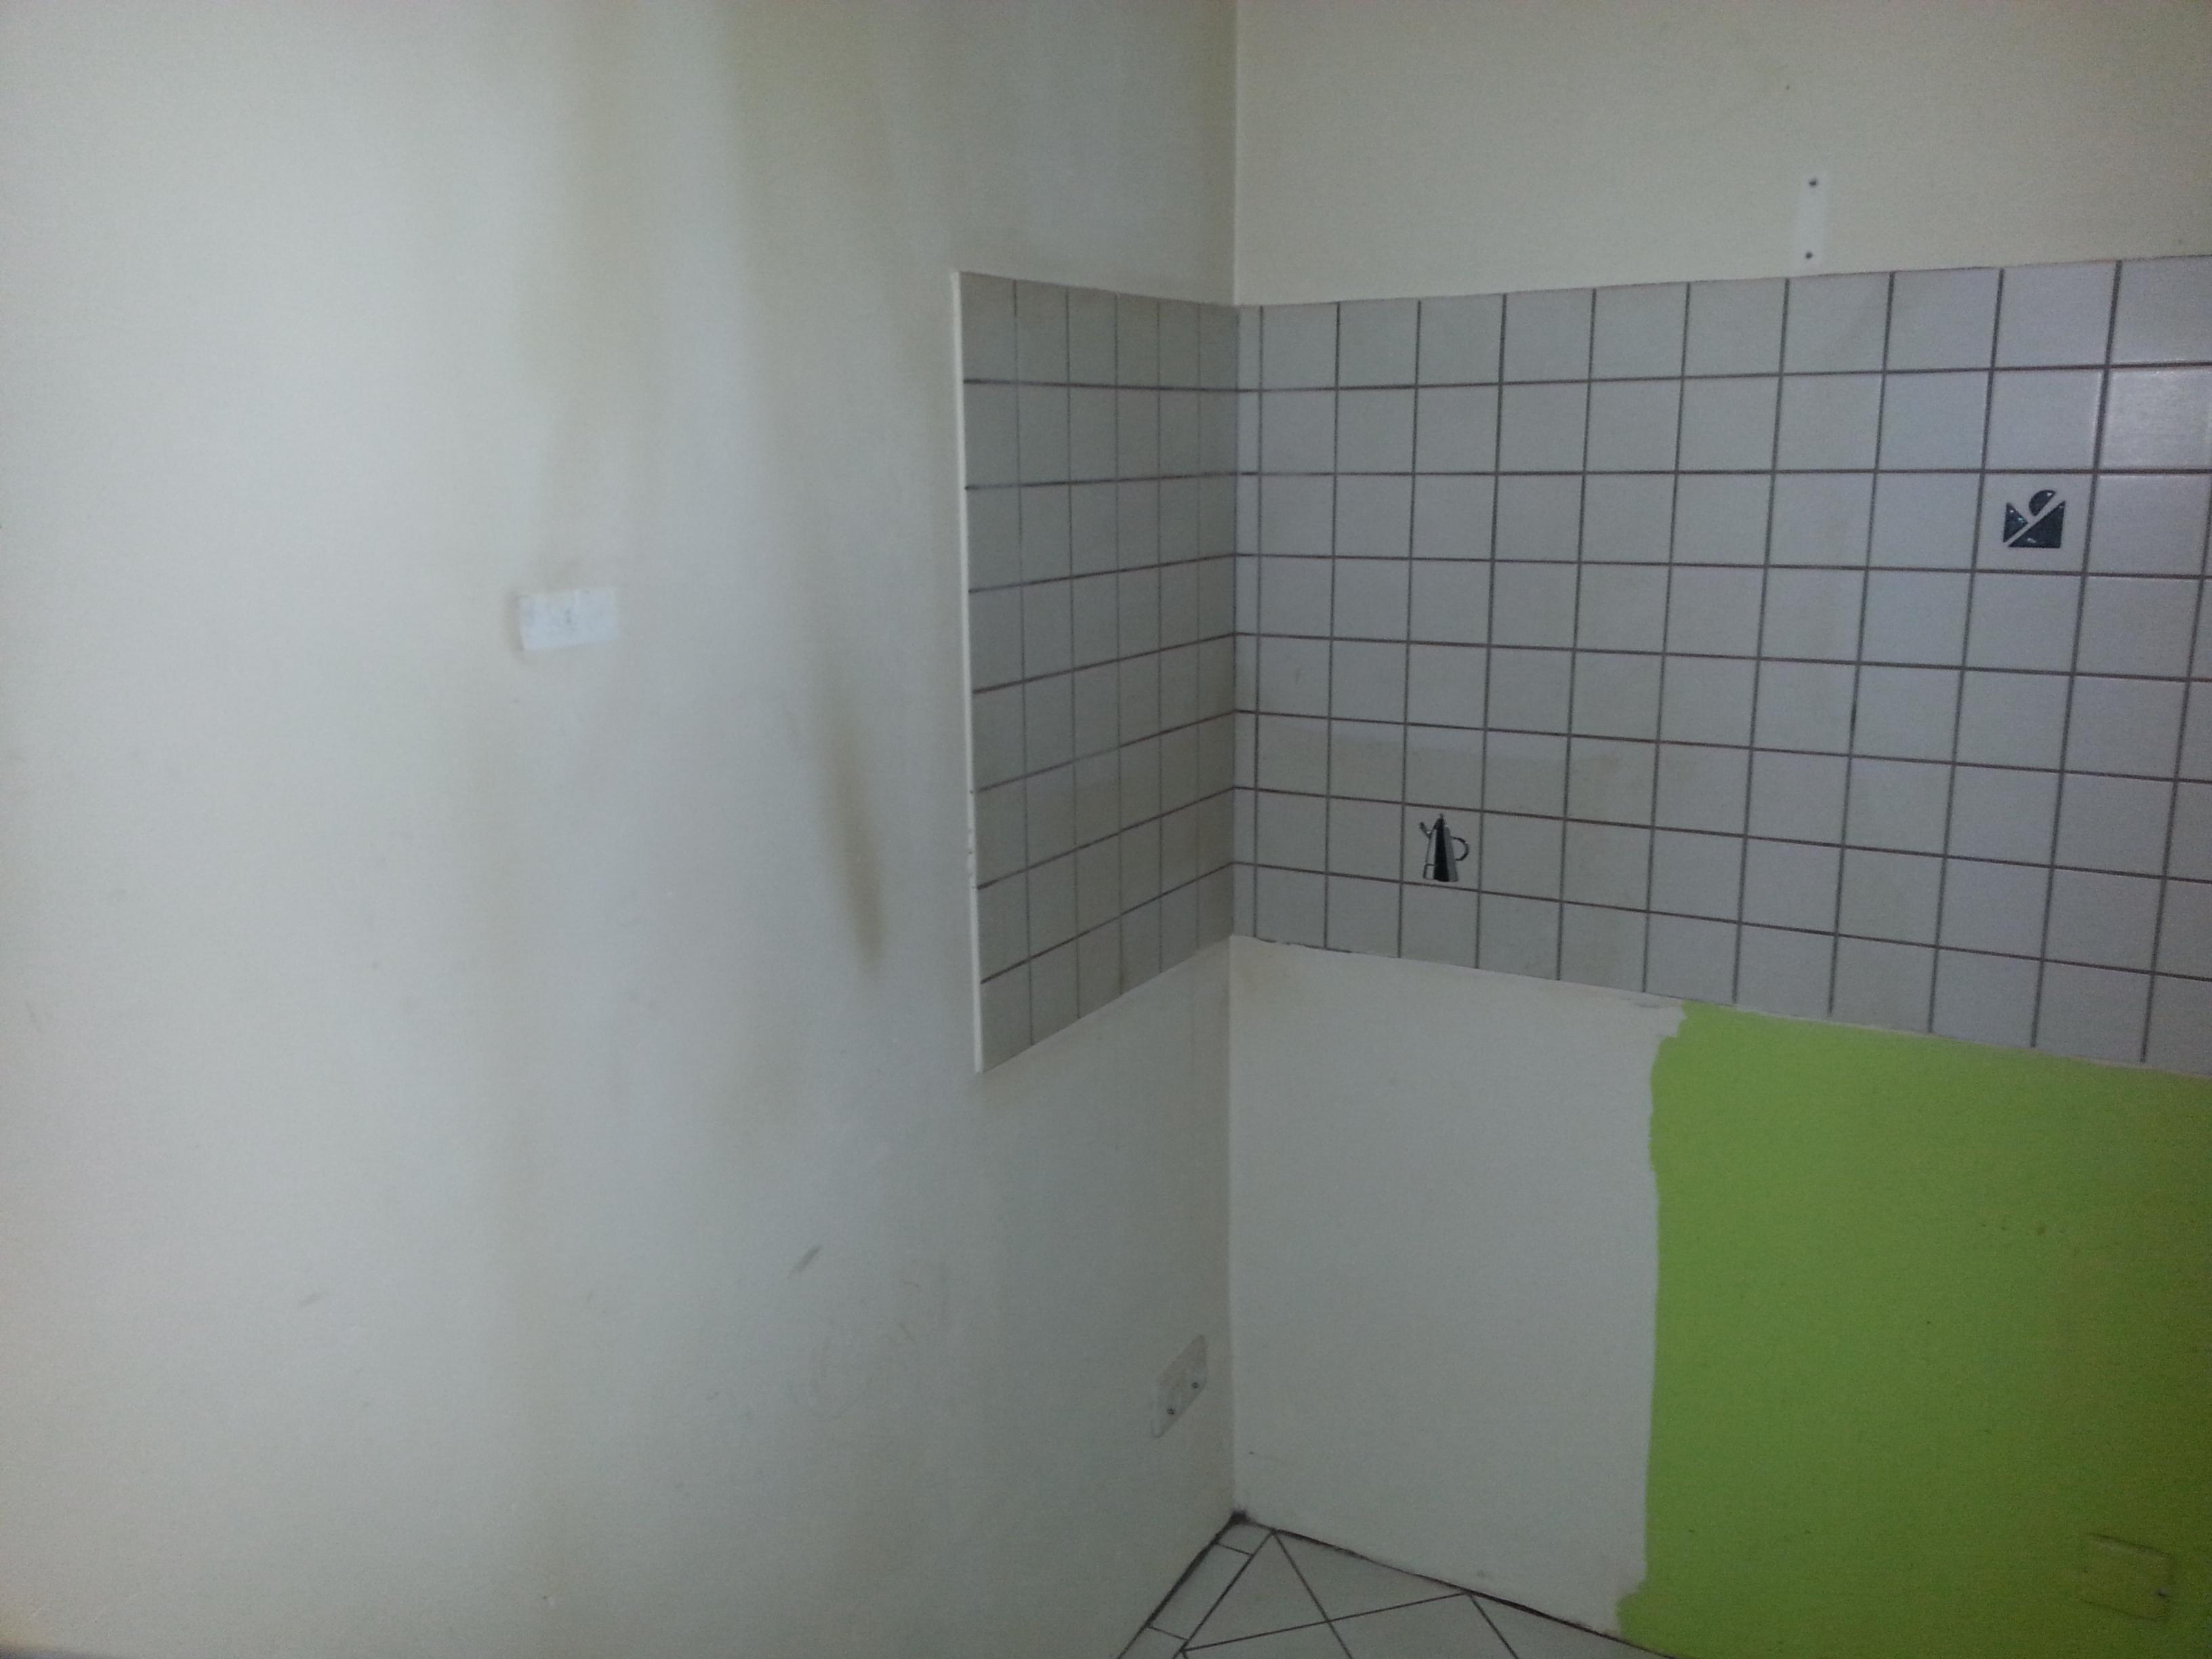 Küche messen & kaufen & einrichten? wie? (handwerk, renovieren ...